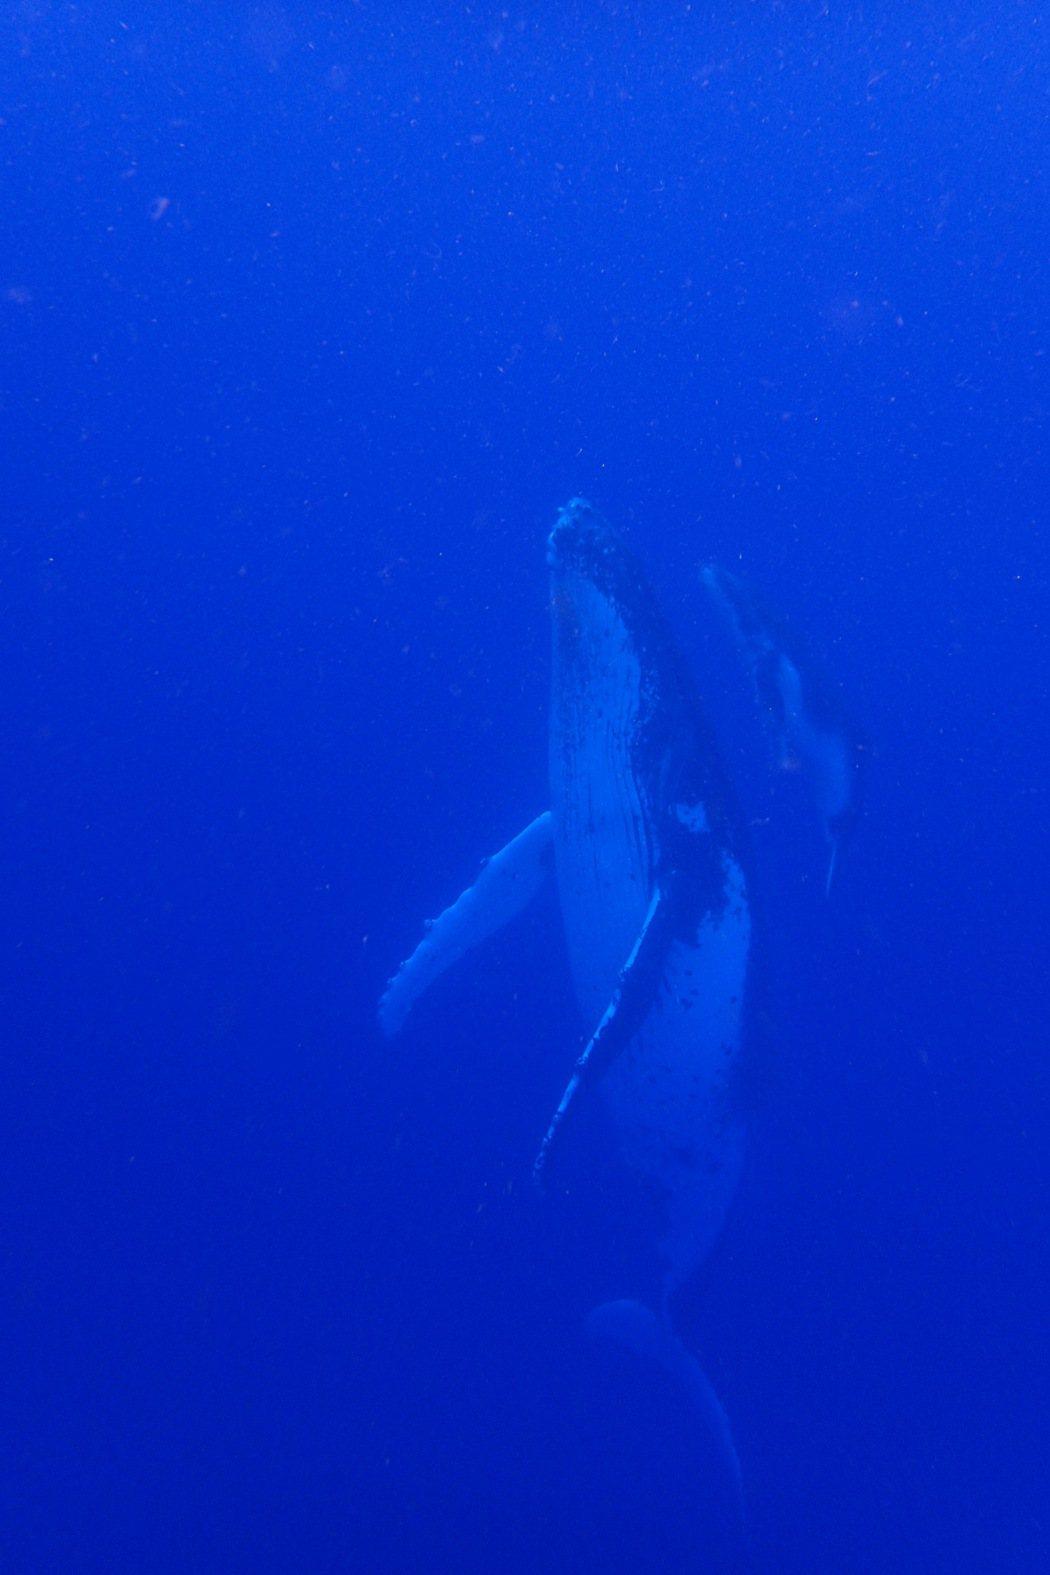 導演黃嘉俊透過鏡頭捕捉到許多鯨魚噴水、海豚飛越等珍貴畫面。圖/牽猴子提供